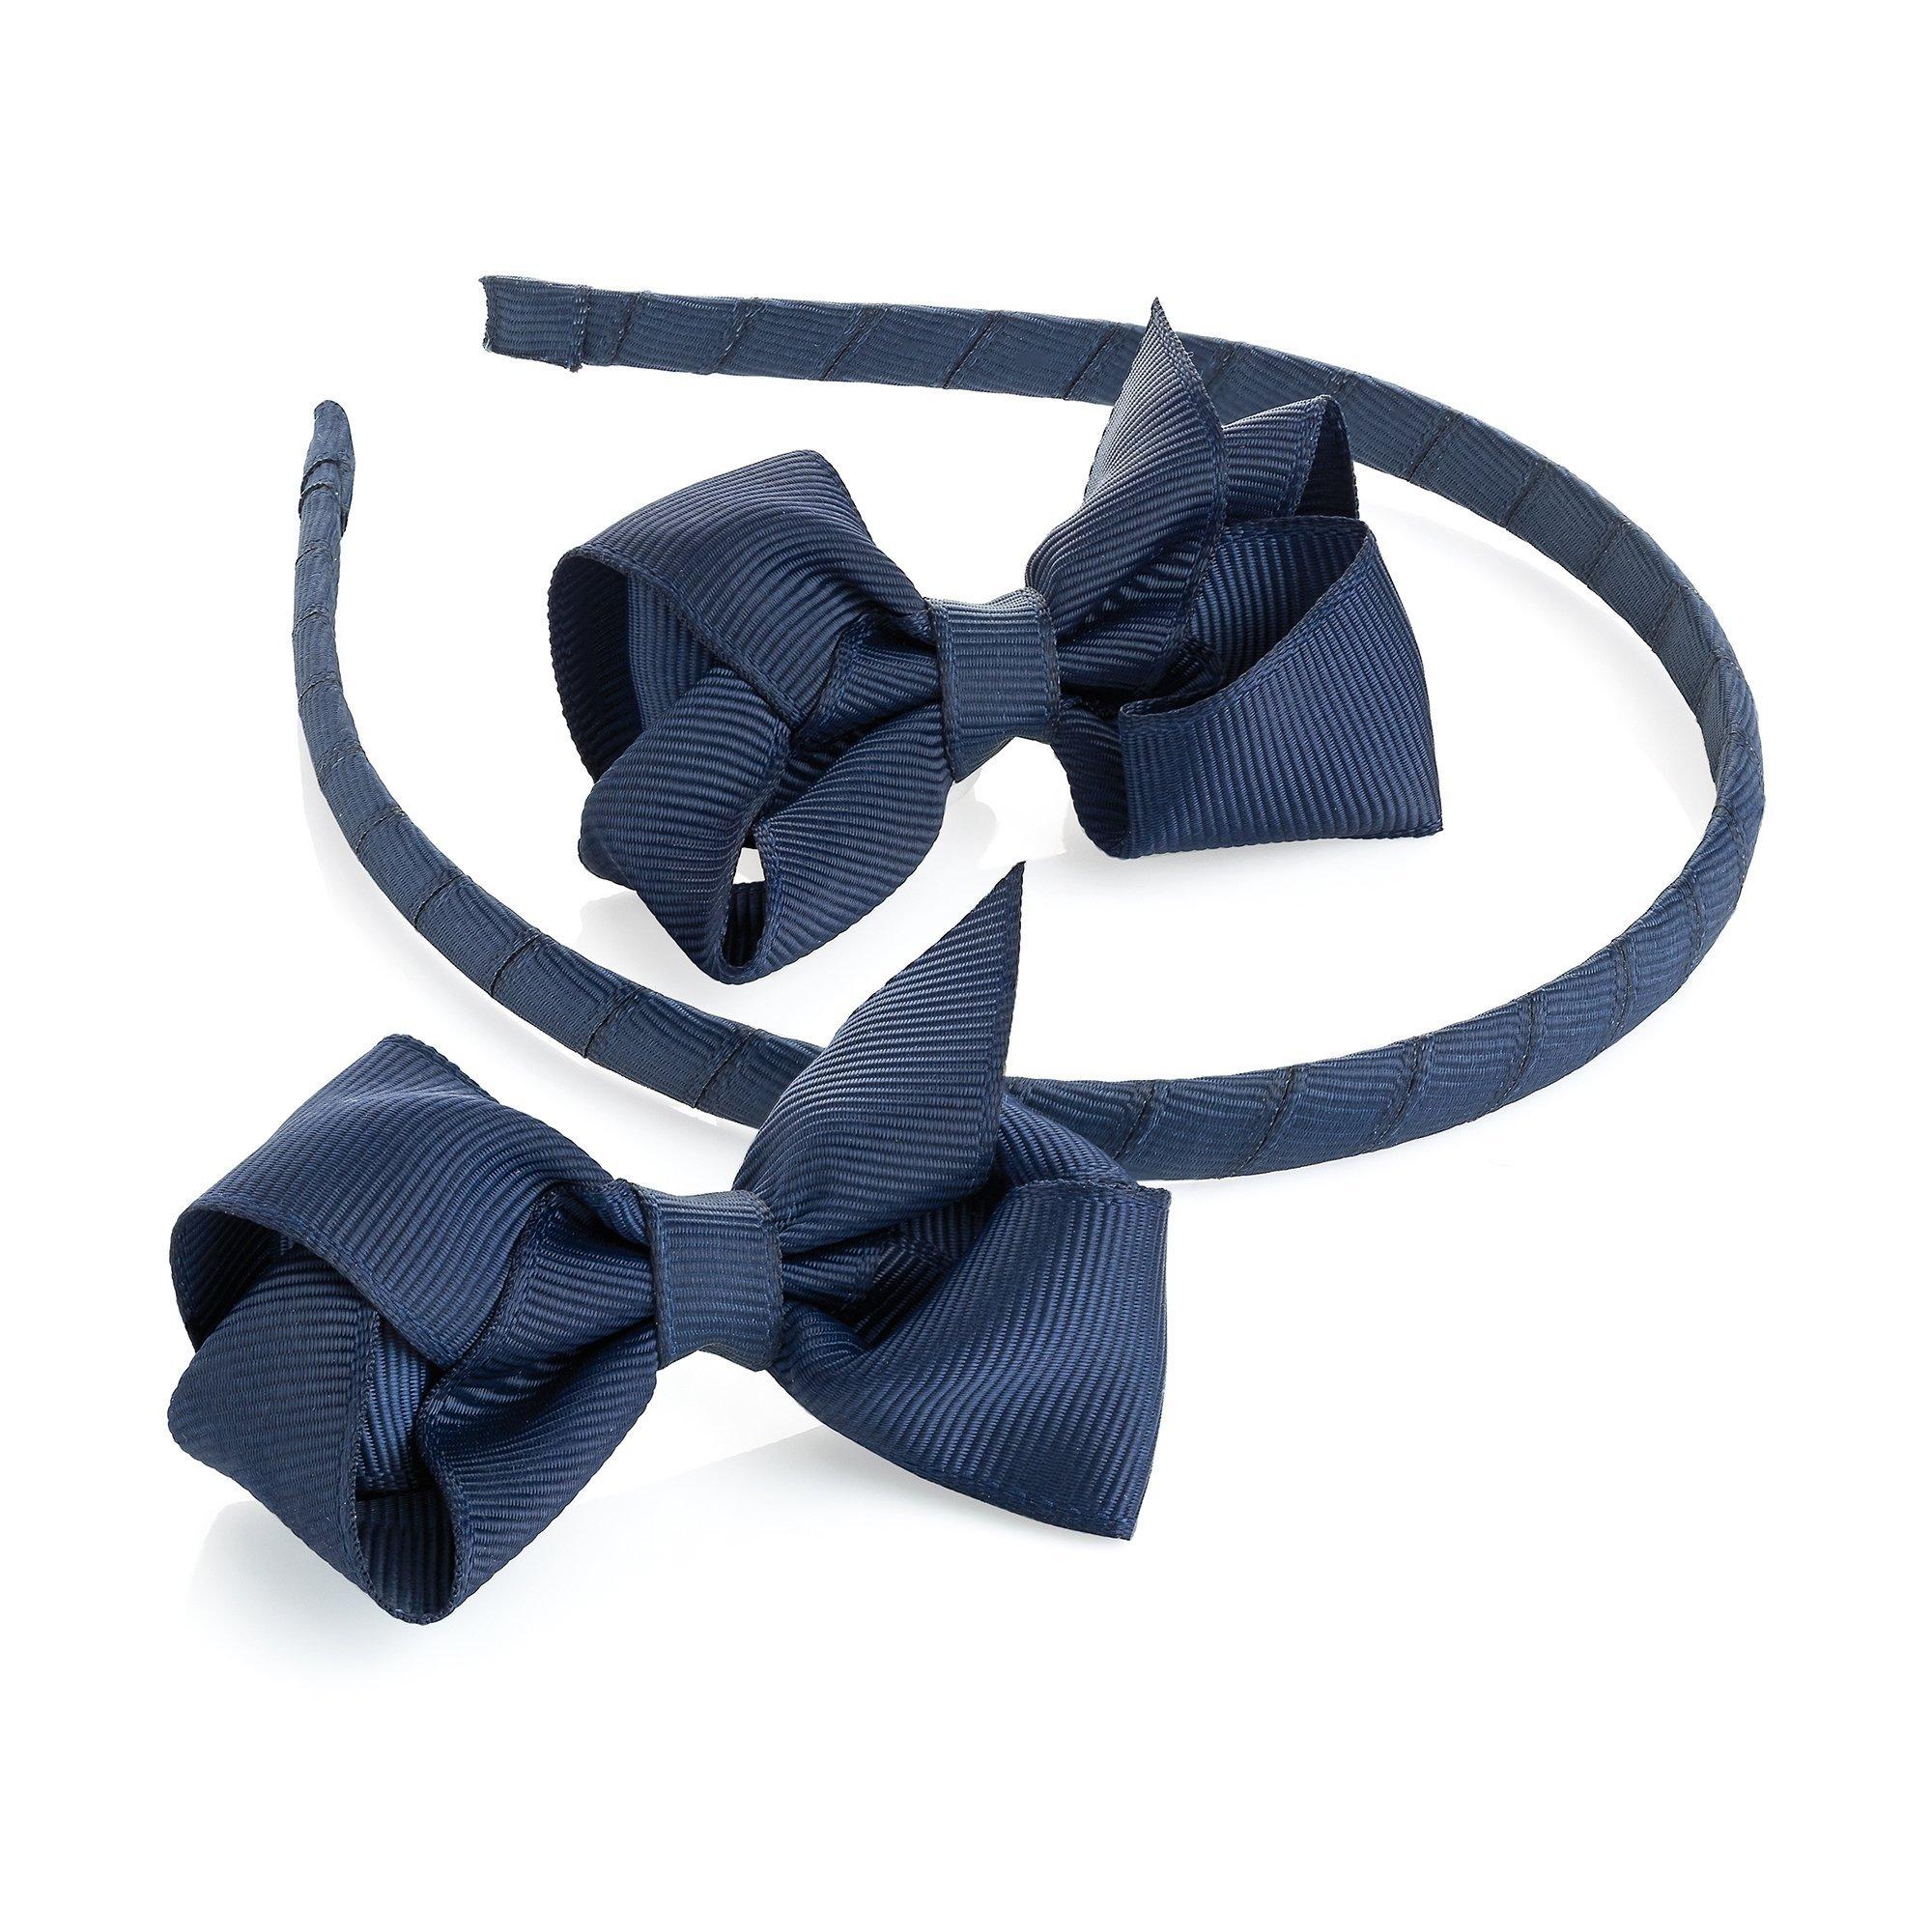 Navy Blue Bow Headband /& Navy Blue Headband Satin Ribbon Covered 2 pc Set